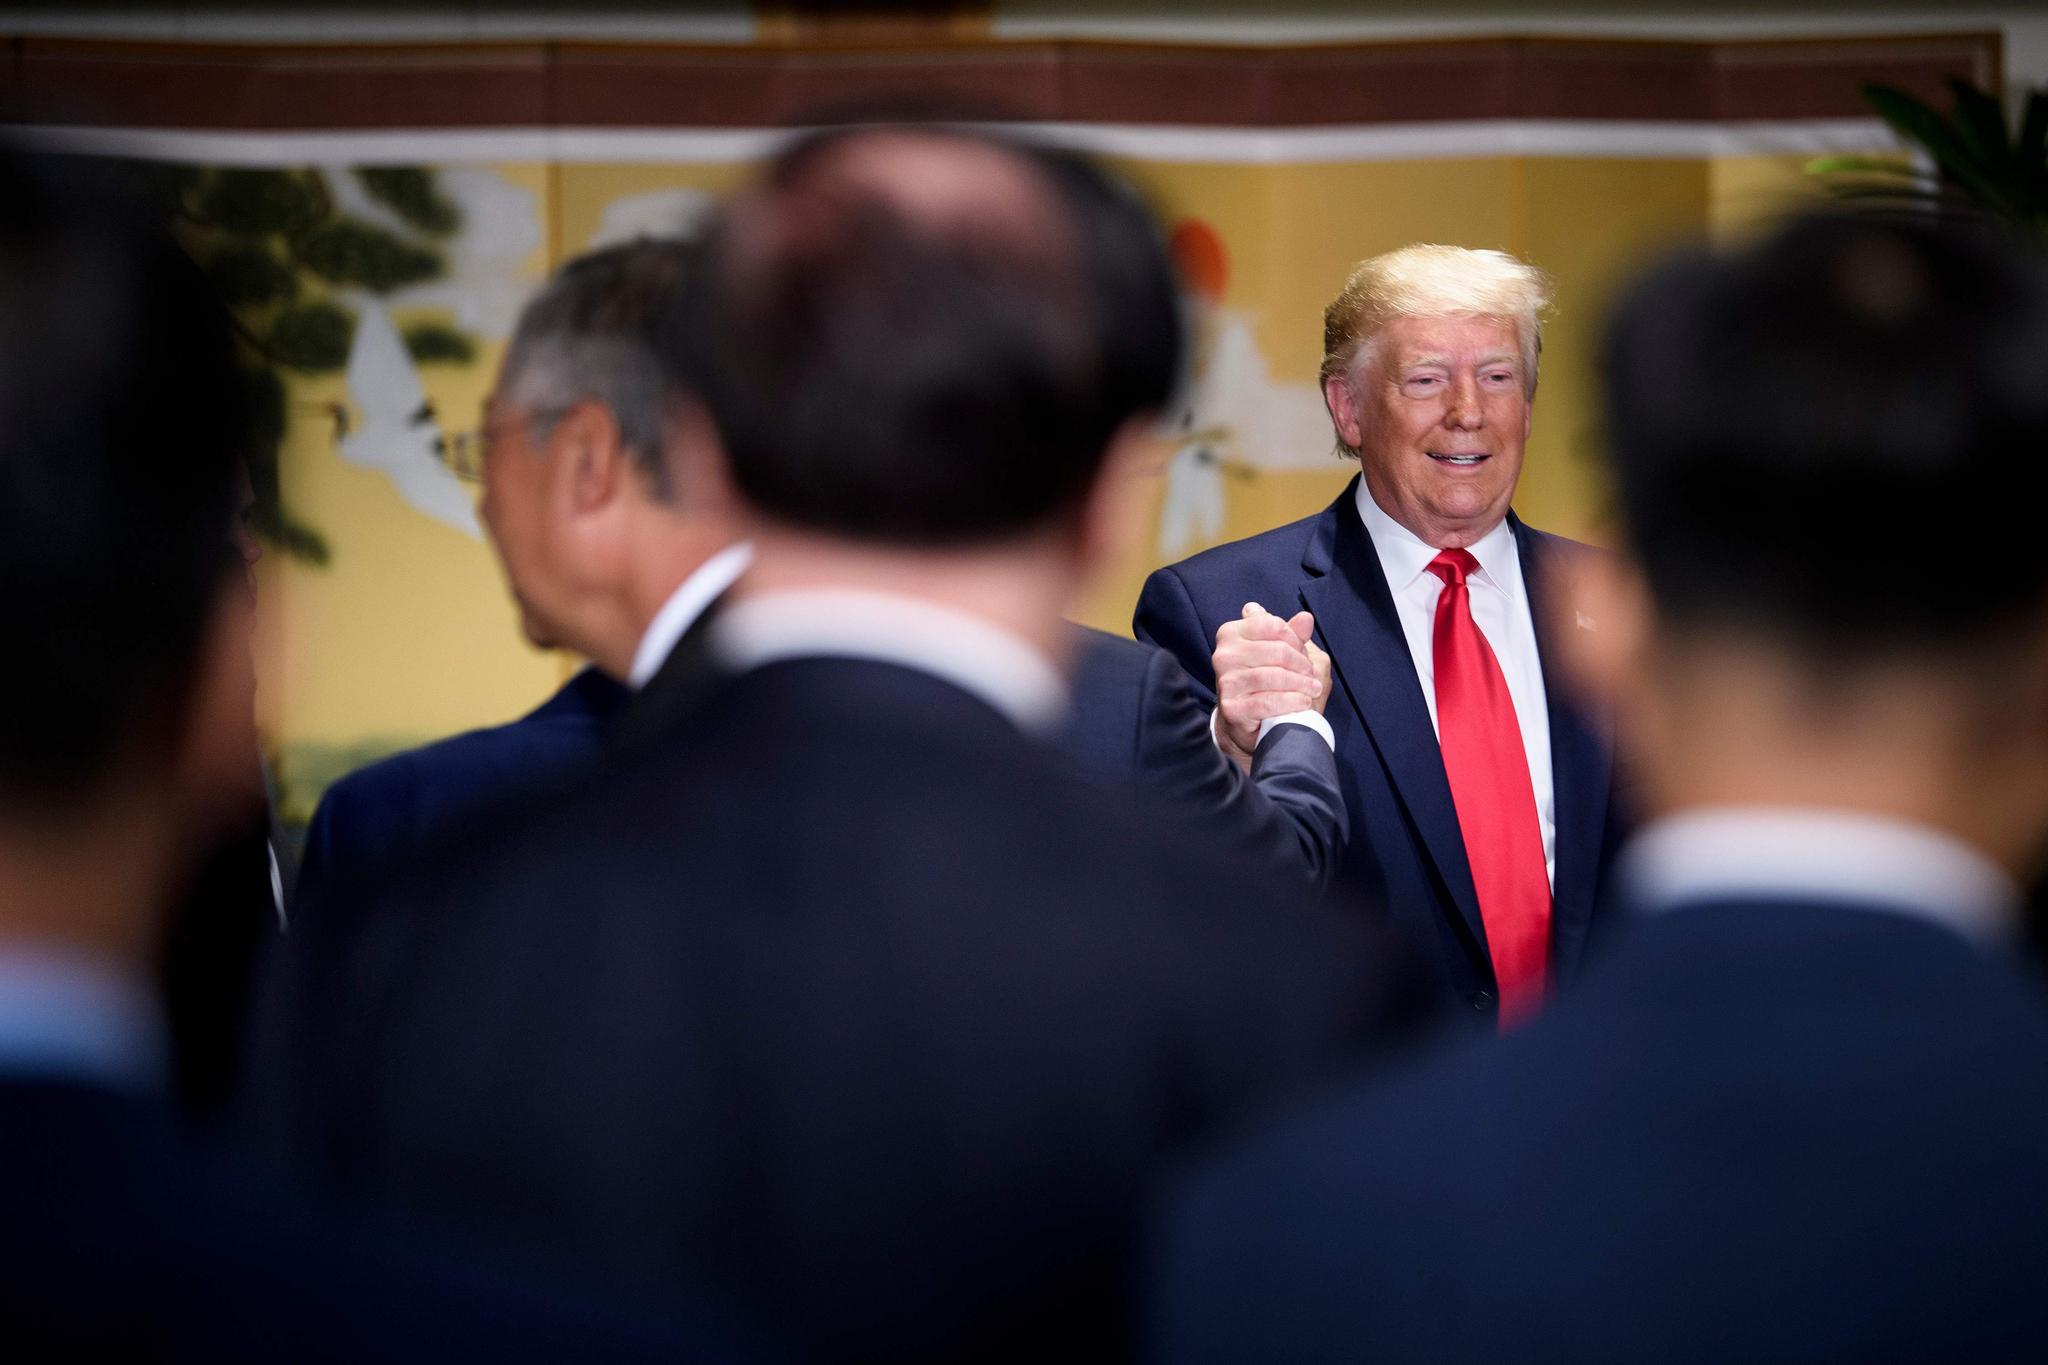 도널드 트럼프 미국 대통령이 30일 열린 한국 기업인 간담회에서 회장들과 손을 잡으며 인사나누고 있다.모두발언하고 있다. [AFP=연합뉴스]